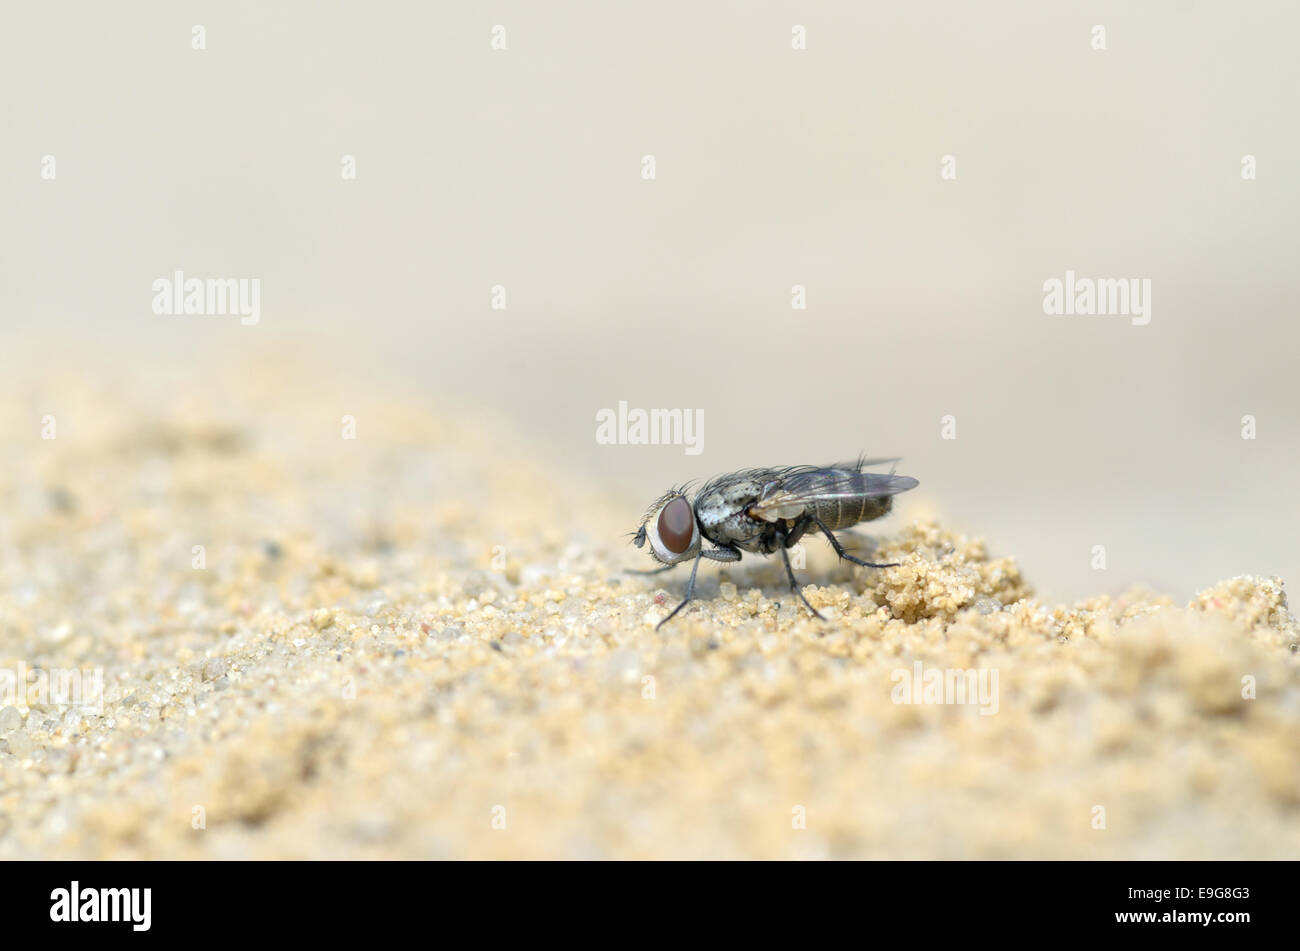 Fly (Polietes lardarius) - Stock Image